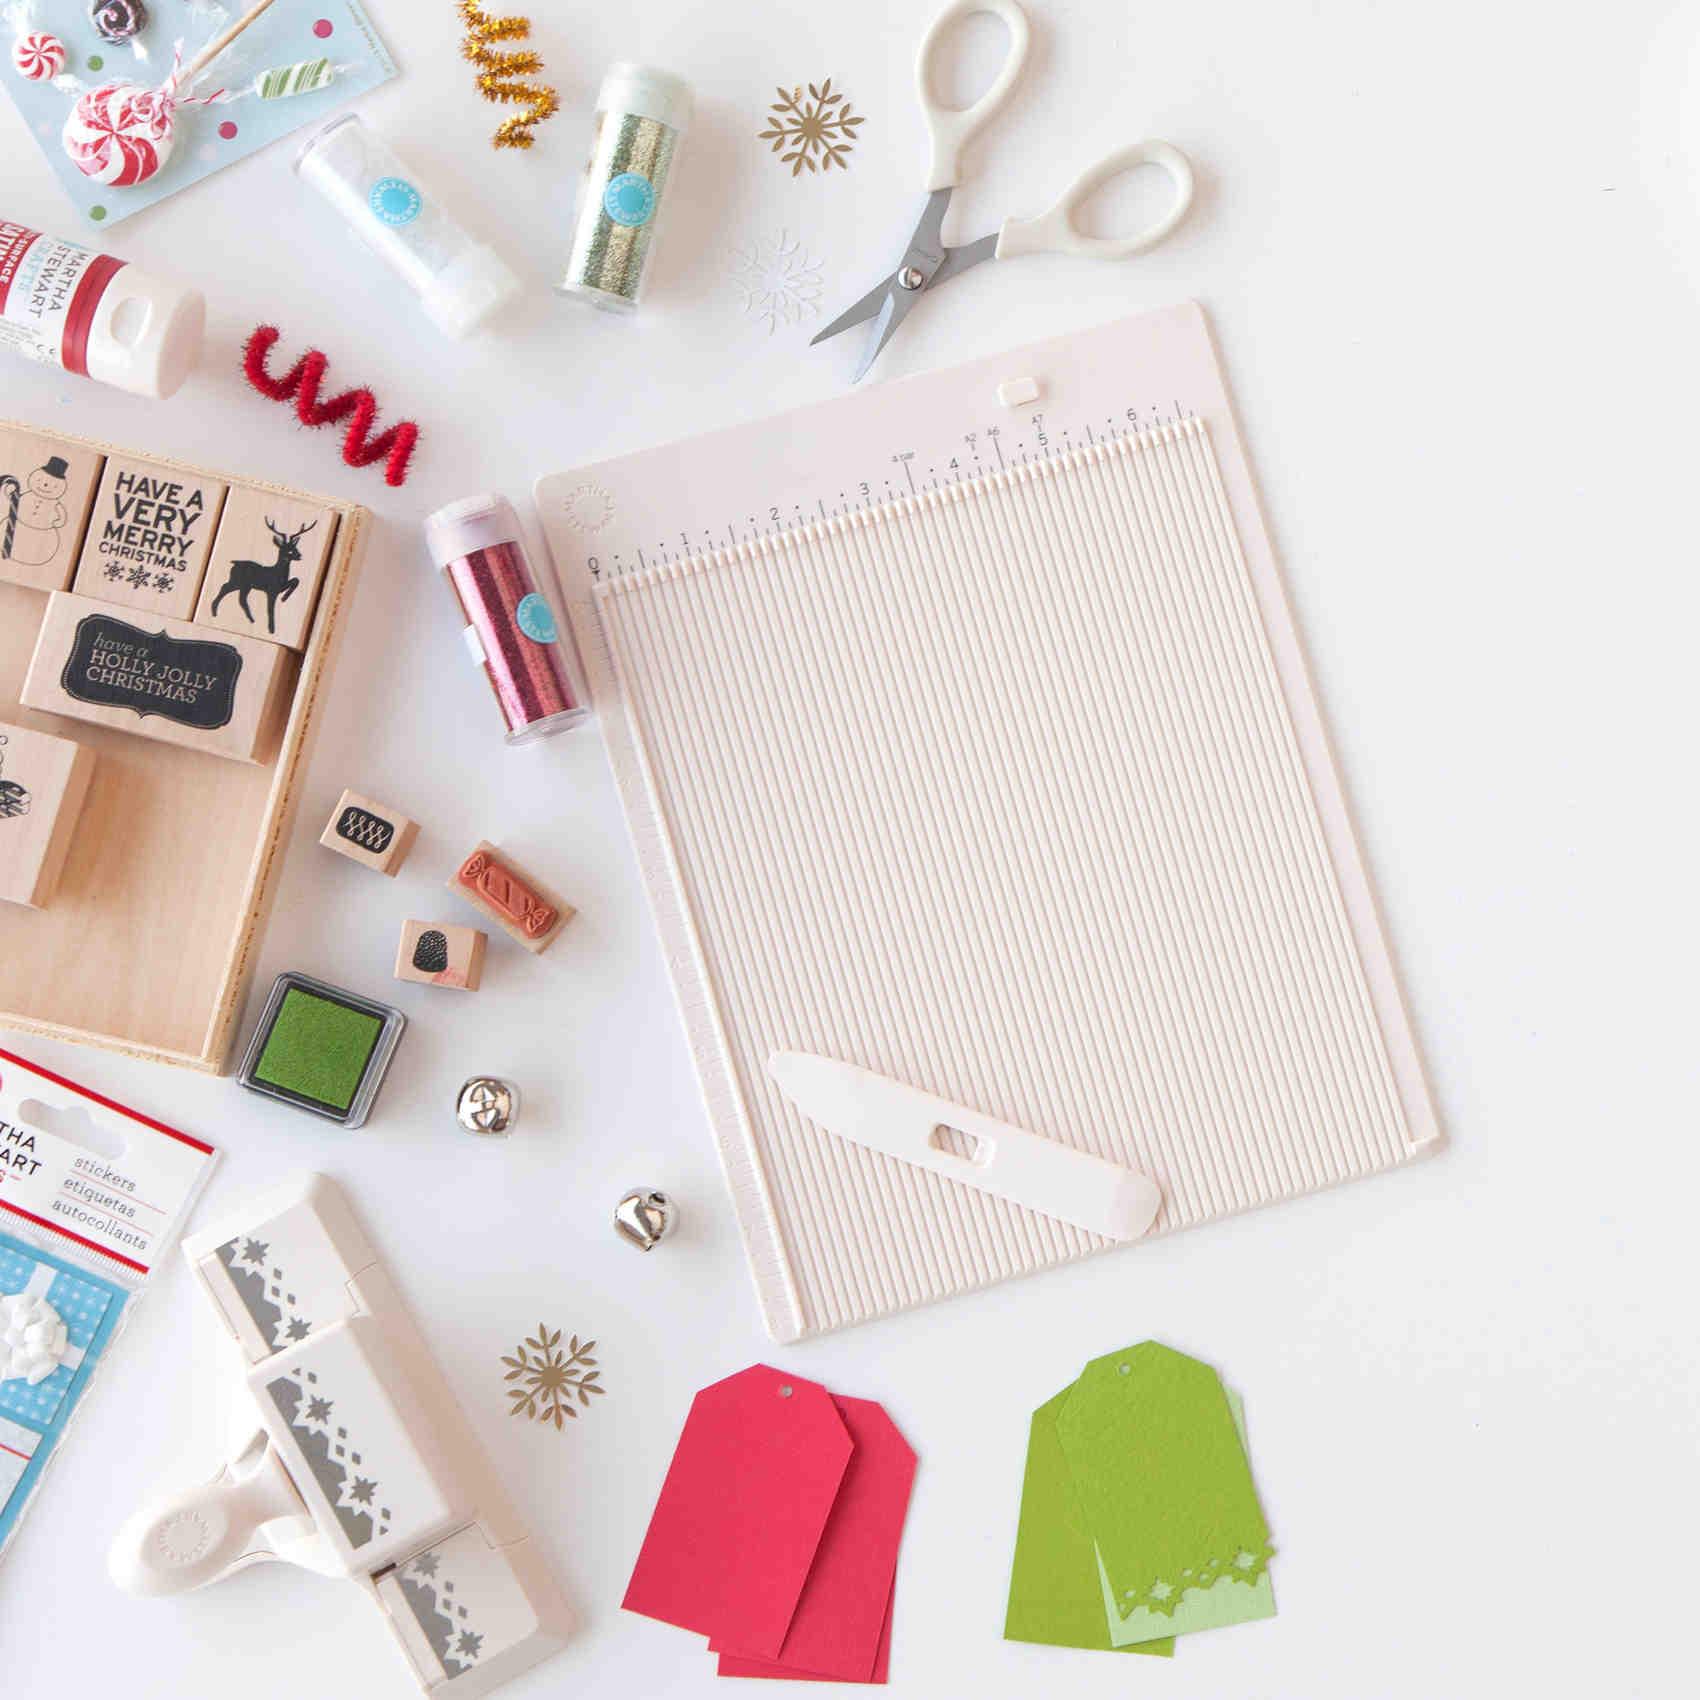 holiday-crafts-msl-0361-left.jpg